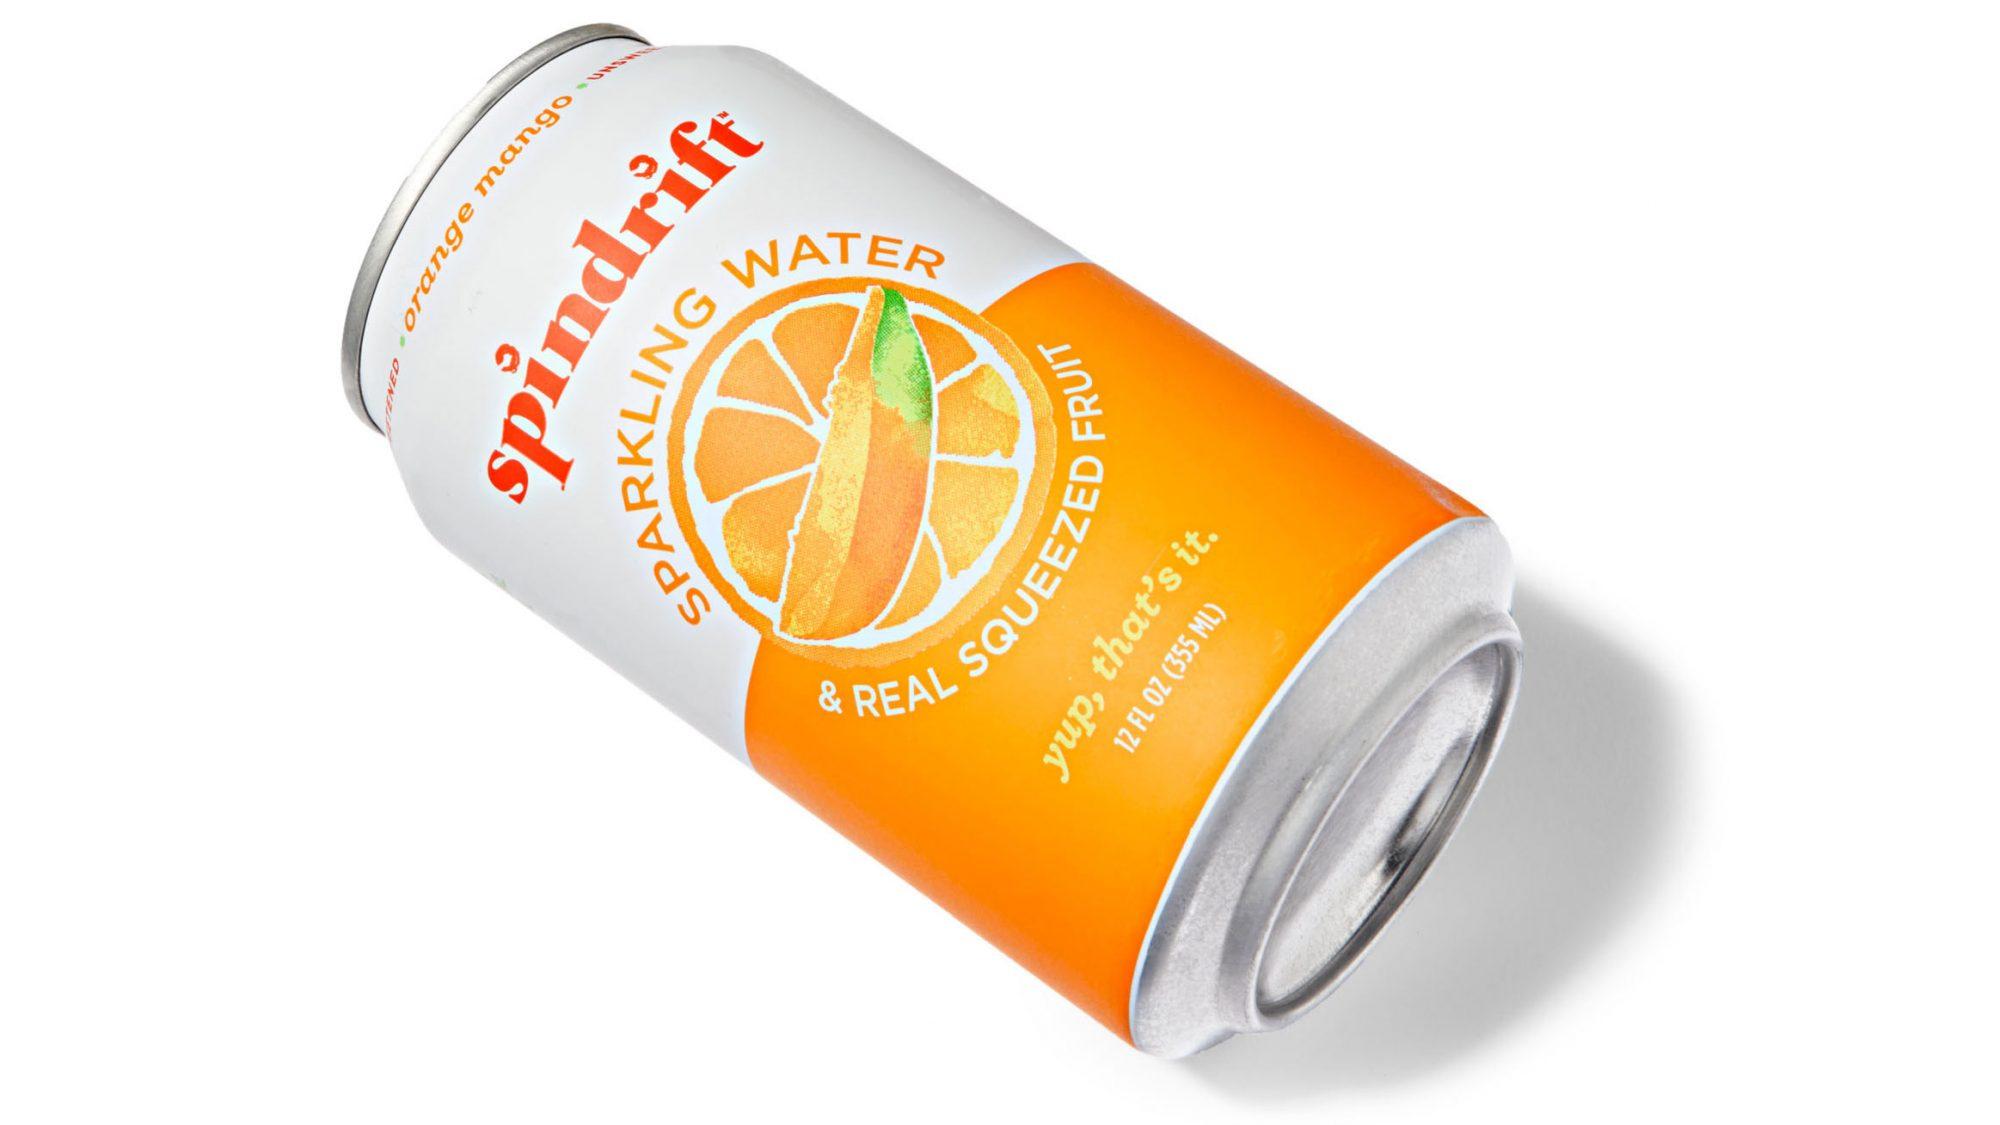 Spindrift Sparkling Water in Orange-Mango